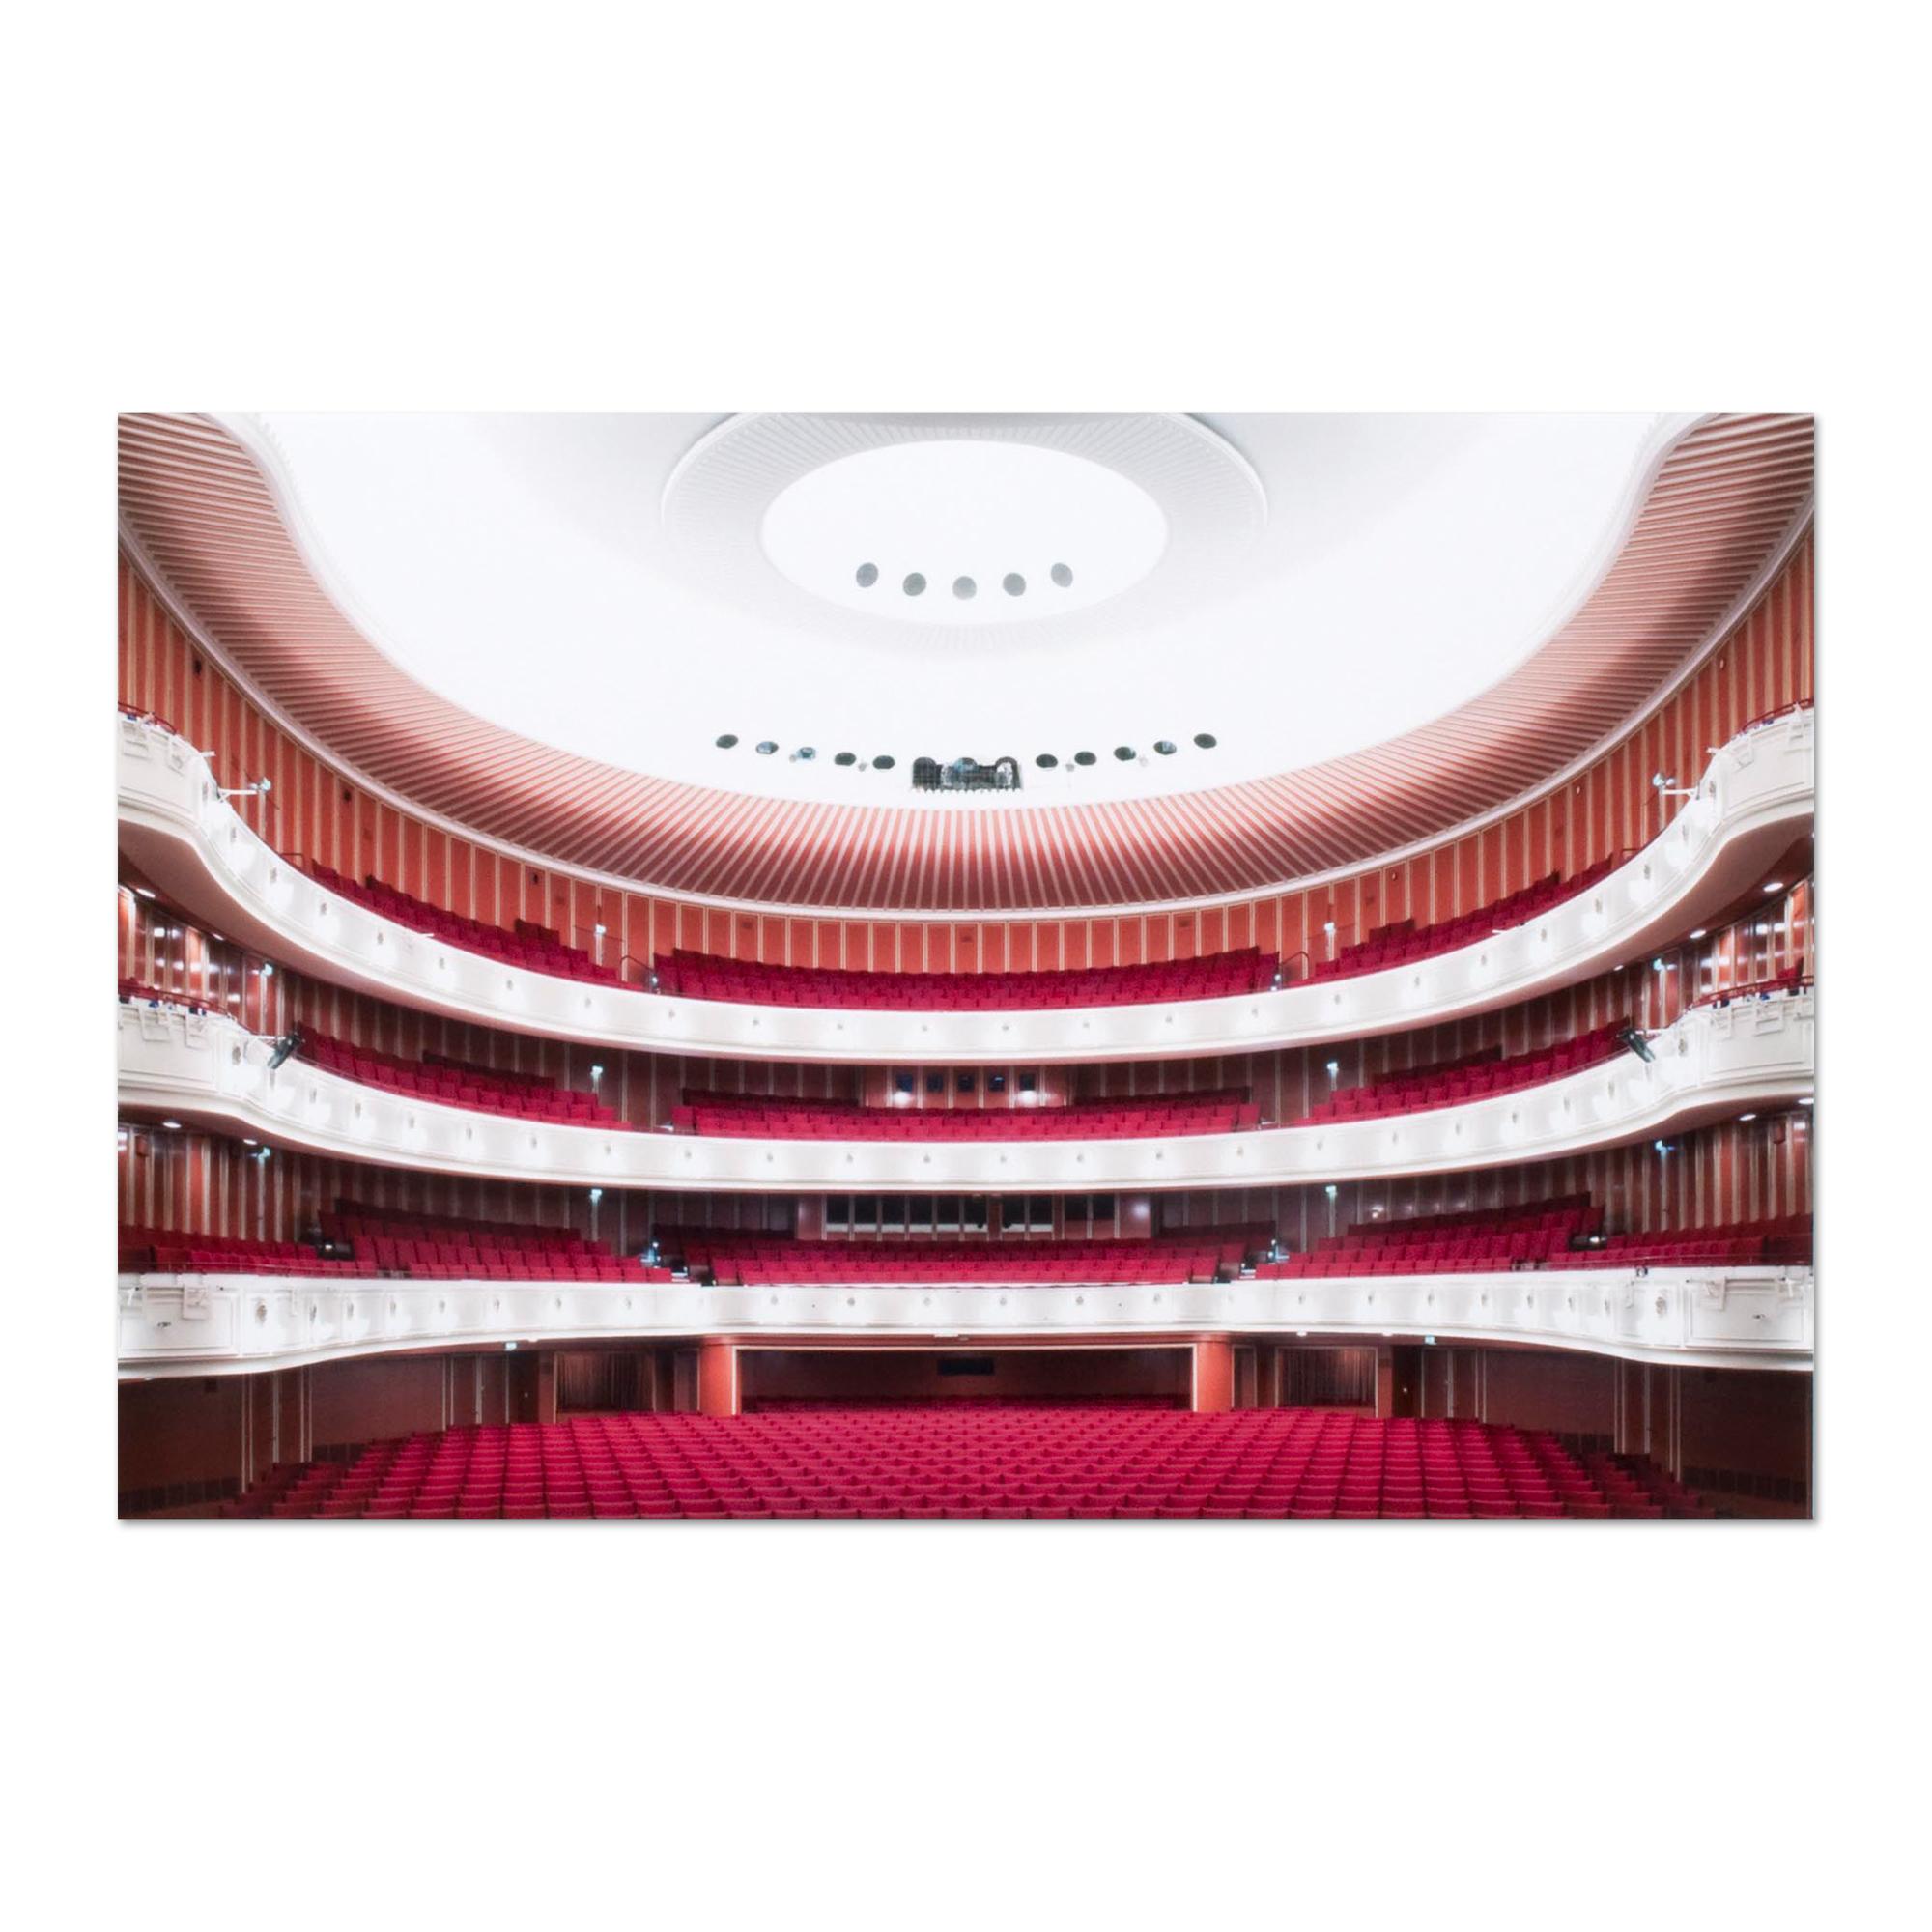 Deutsche Oper by Candida Hofer